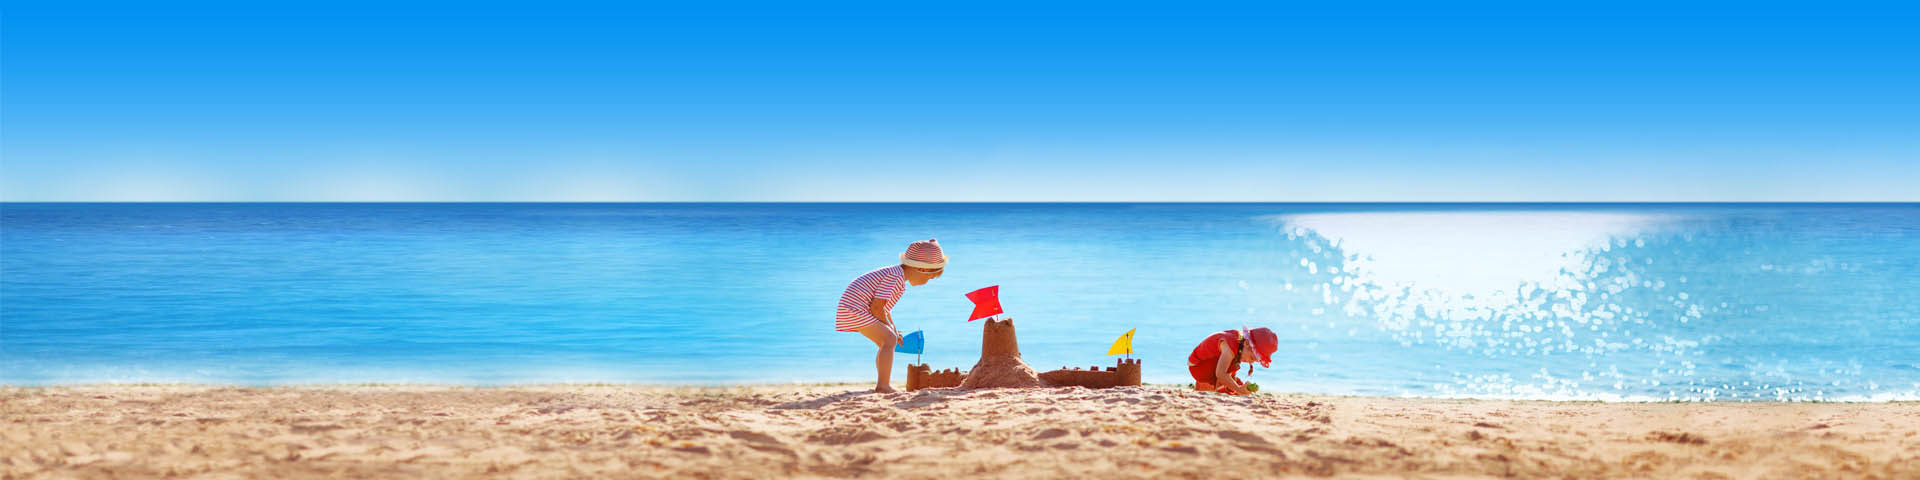 Kinderen spelen op het strand met een azuurblauwe zee als achtergrond